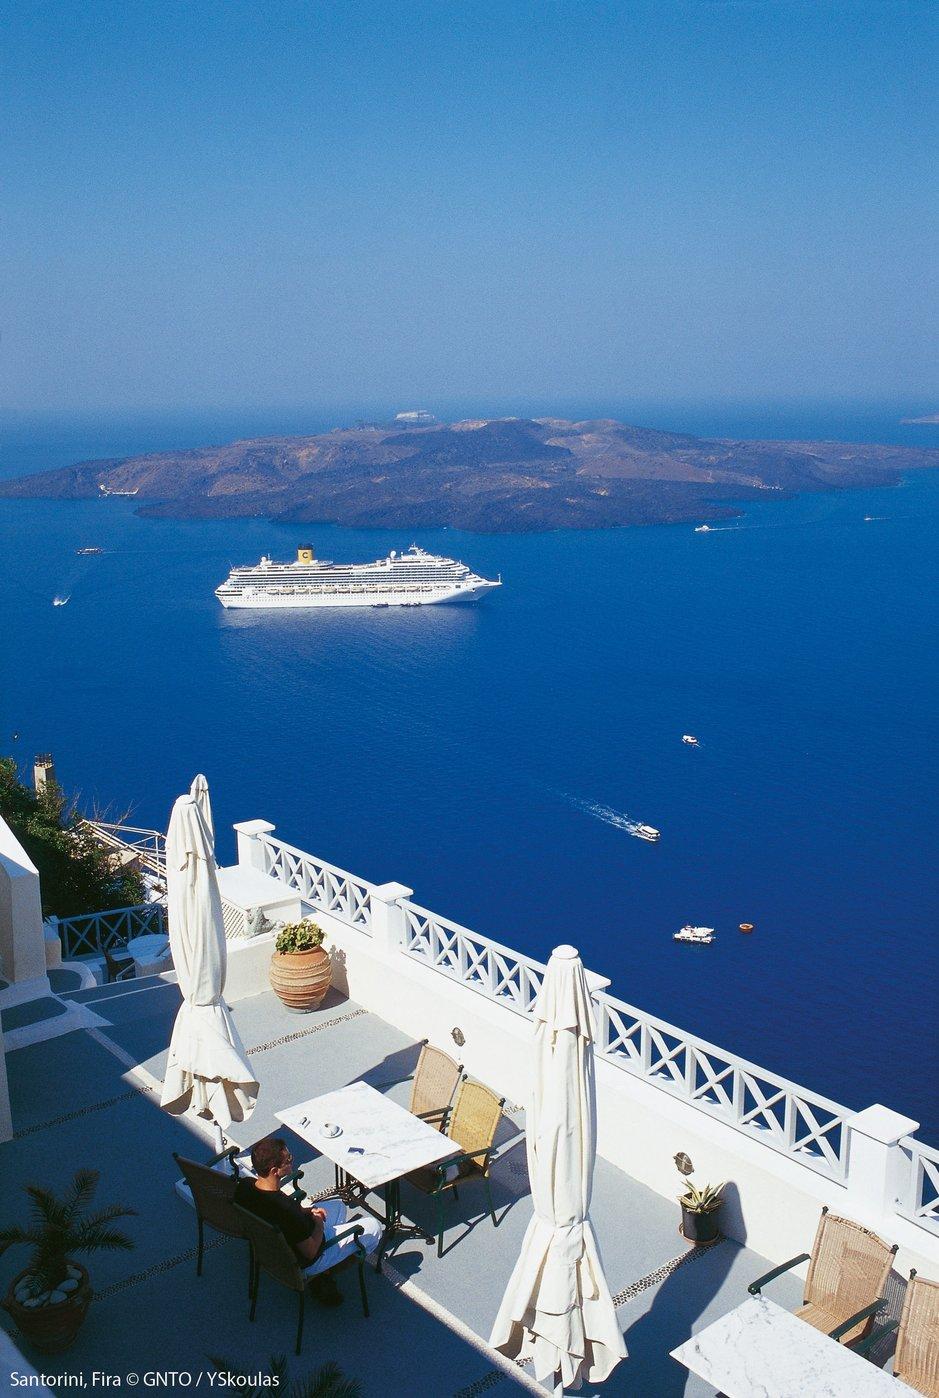 Santorini on yksi Kreikan suosituimmista risteilylaivojen pydähdyssaarista. 15 000 asukkaan saarella vierailee vuosittain yli miljoona kävijää ja saari on keskikesän sesongin aikaan vastaanottokykynsä äärirajoilla kun sen edustalle saattaa päivittäin ankkuroitua 4-5 jättiristeilijää. Äskettäin tehdyn päätöksen mukaan alkavan matkailukauden aikana päiväkävijöiden määrä rajataan 8 000:aan, joka sekin on hurja määrä ajatellen saaren kokoa ja infraa. Kuva GNTP/Y. Skoulas.